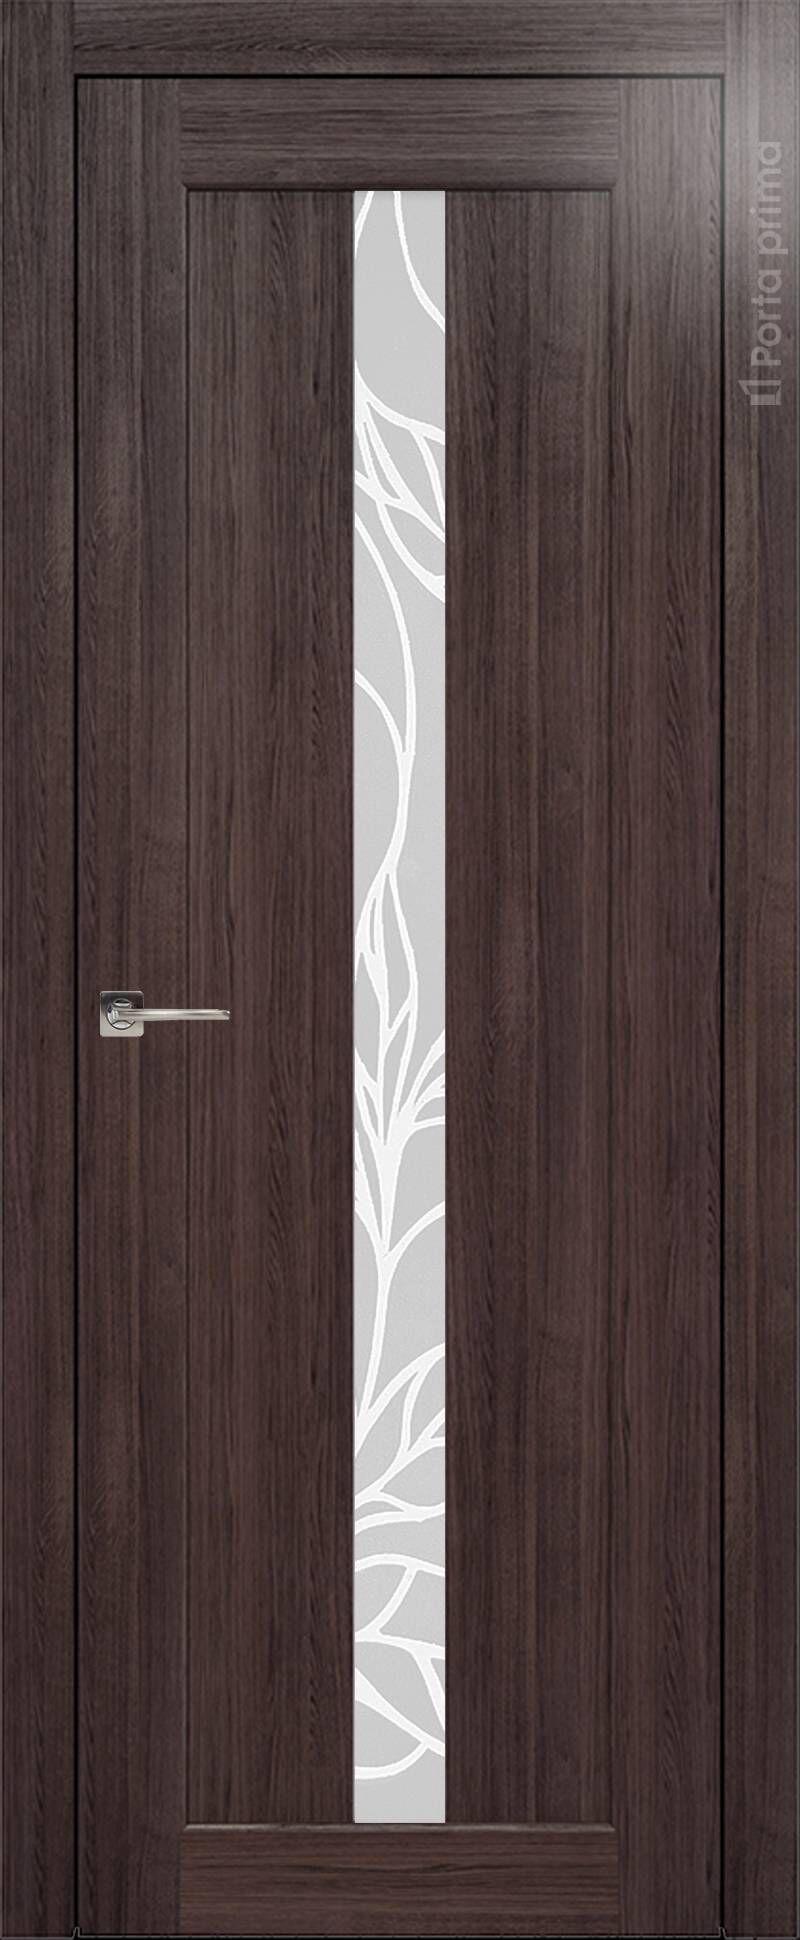 Pianta цвет - Венге Нуар Без стекла (ДГ)